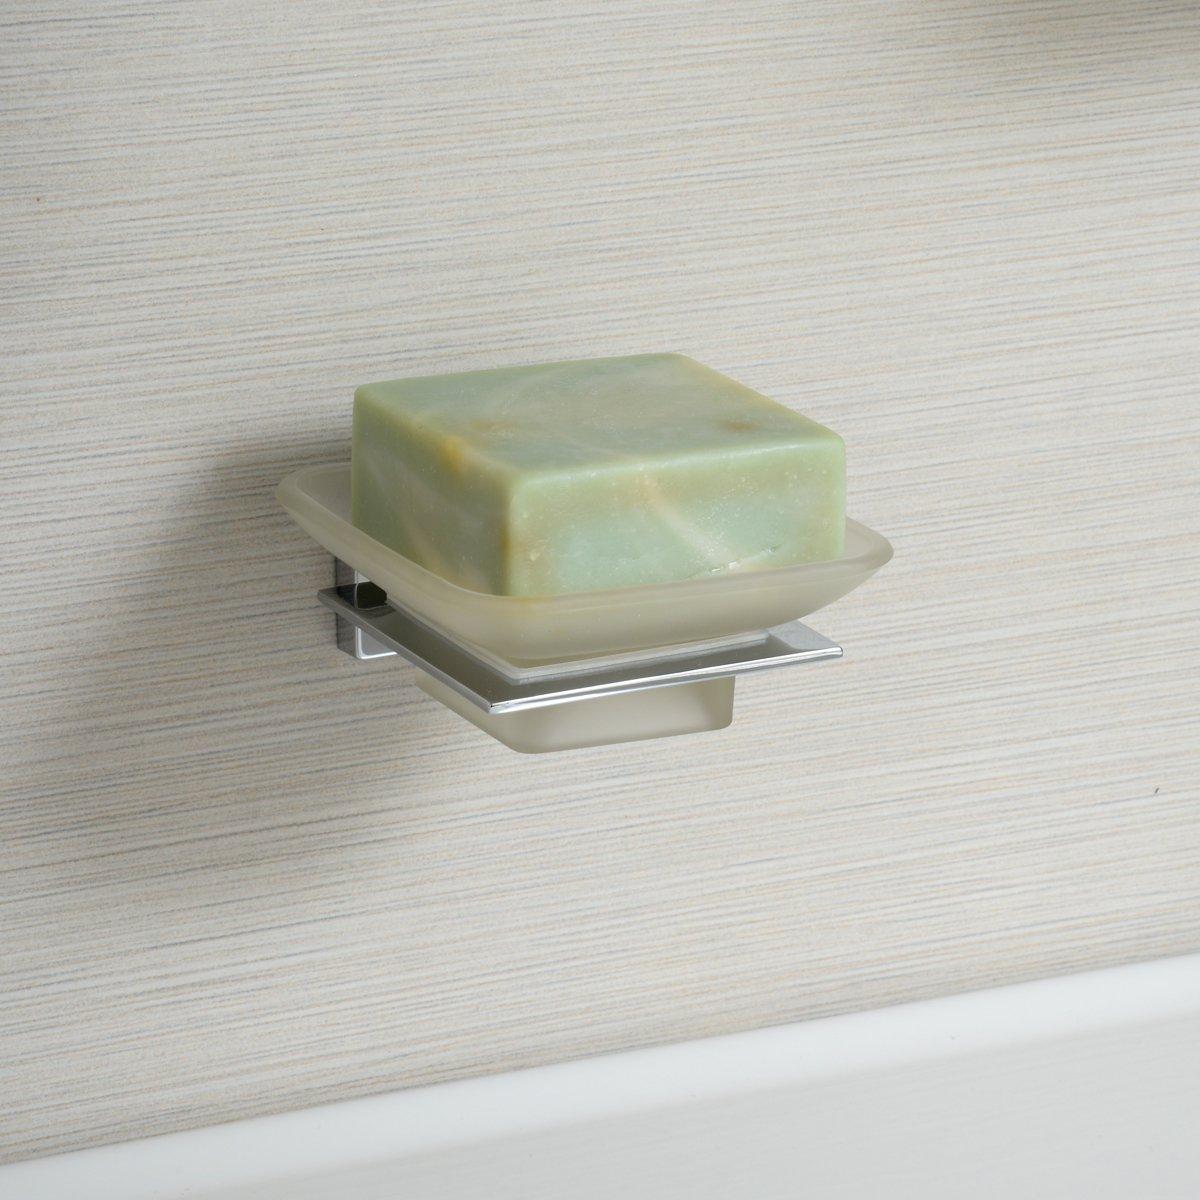 AmazonBasics Euro Soap Tray ON...